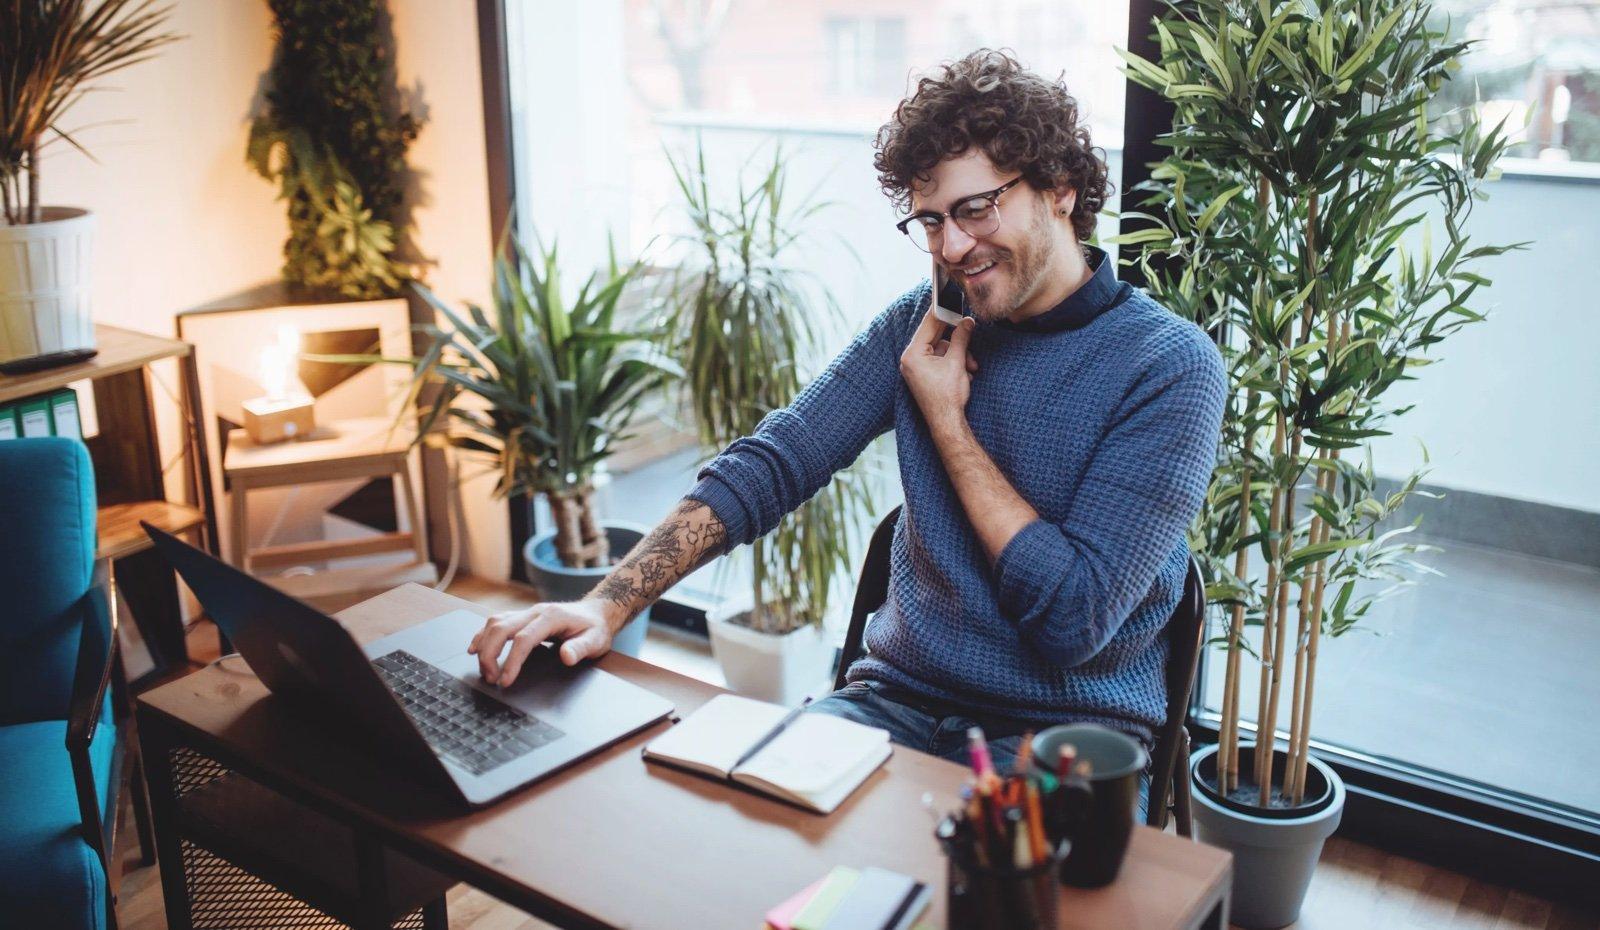 El funcionamiento de las llamadas VoIP